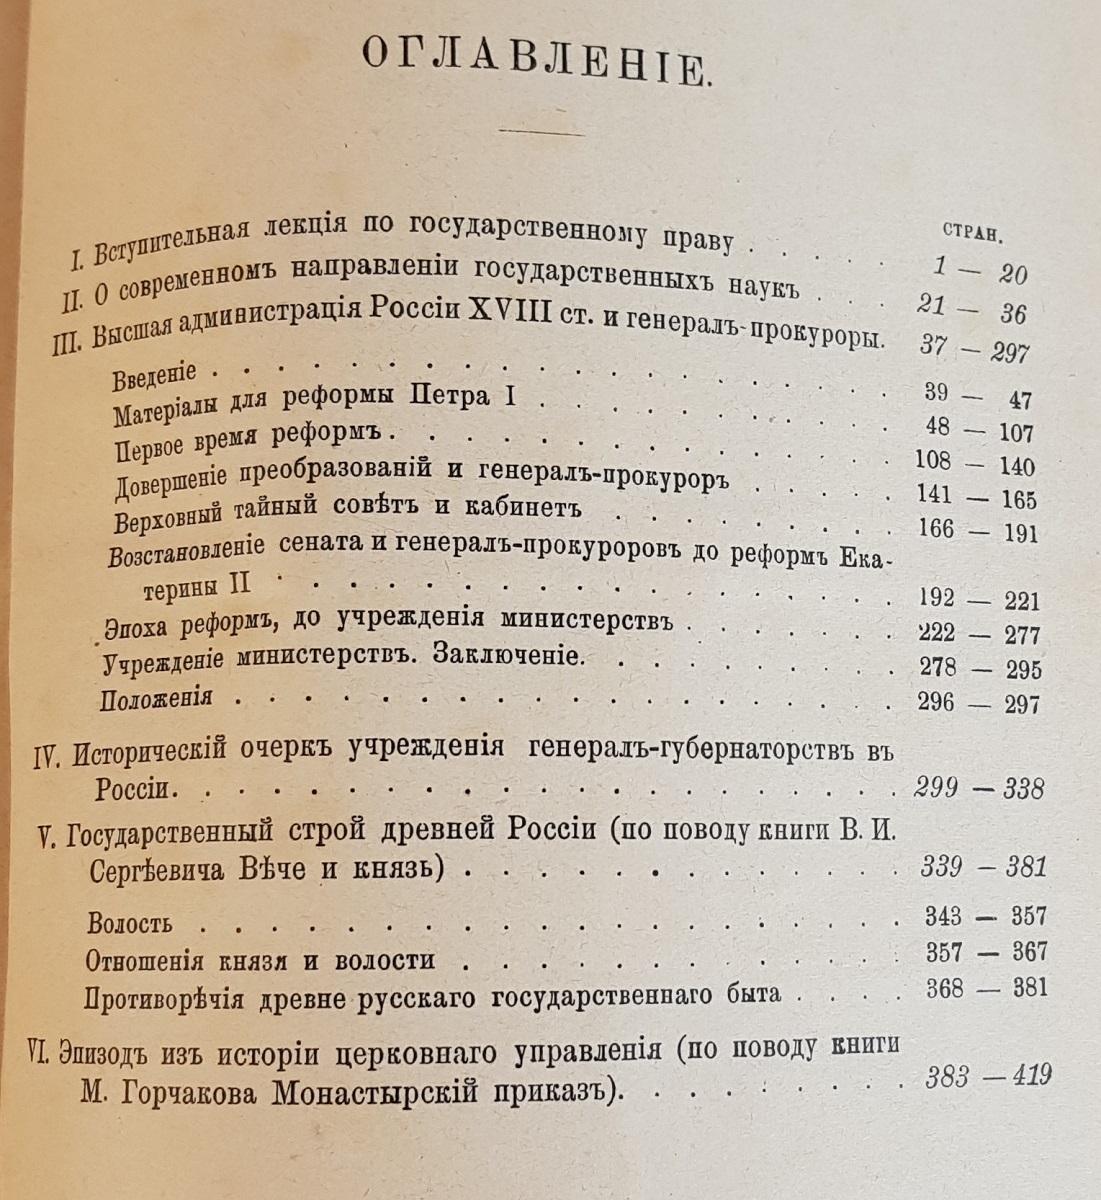 А.Д. Градовский. Собрание сочинений в 9 томах.